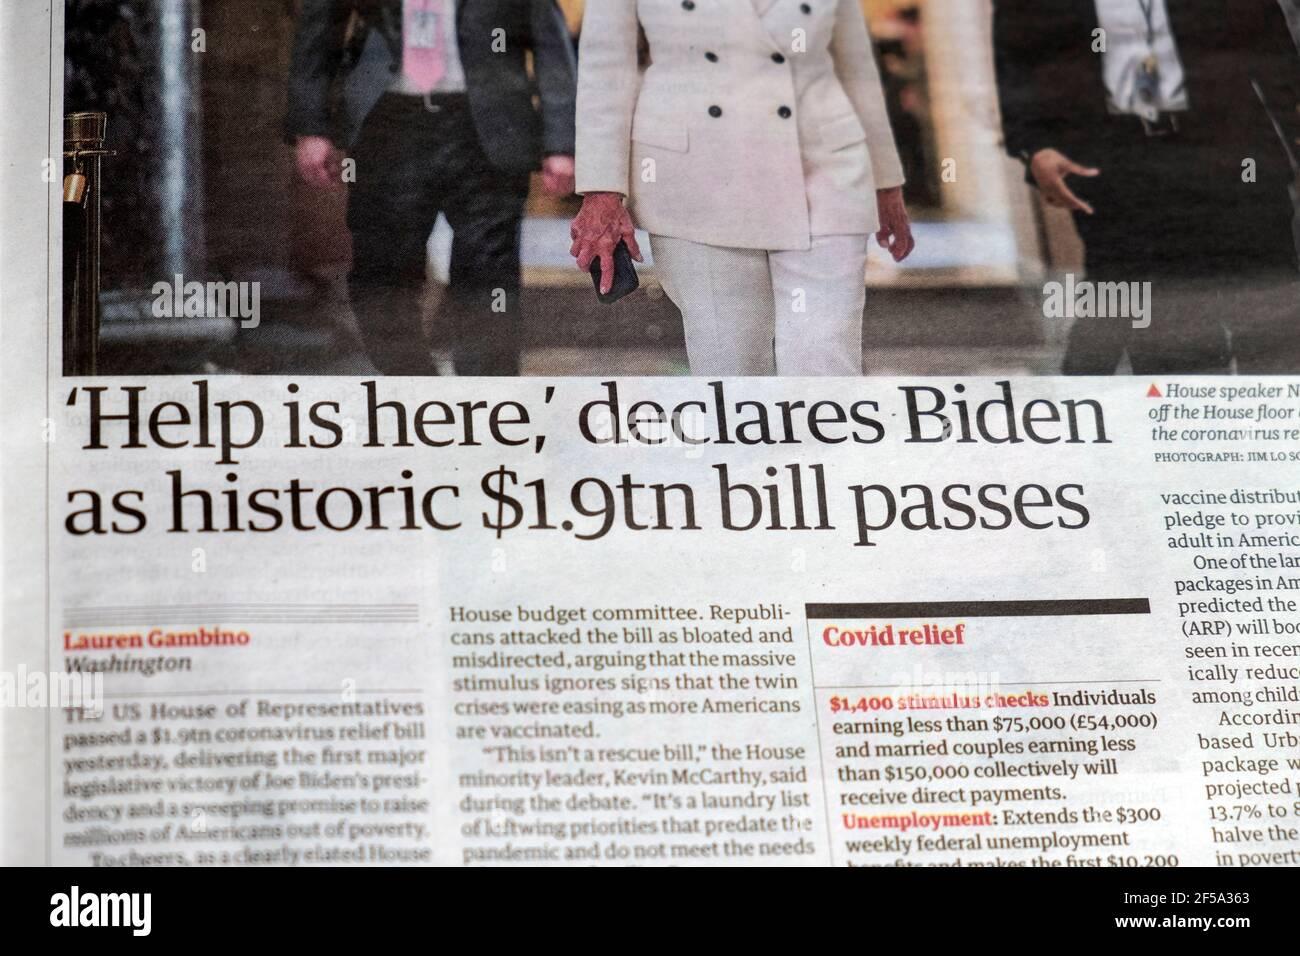 ' 'Help is Here' dichiara Biden come storico €1.9tn Bill passa' giornale Guardian titolo US Covid 19 supporto articolo 11 marzo 2021 a Washington Foto Stock